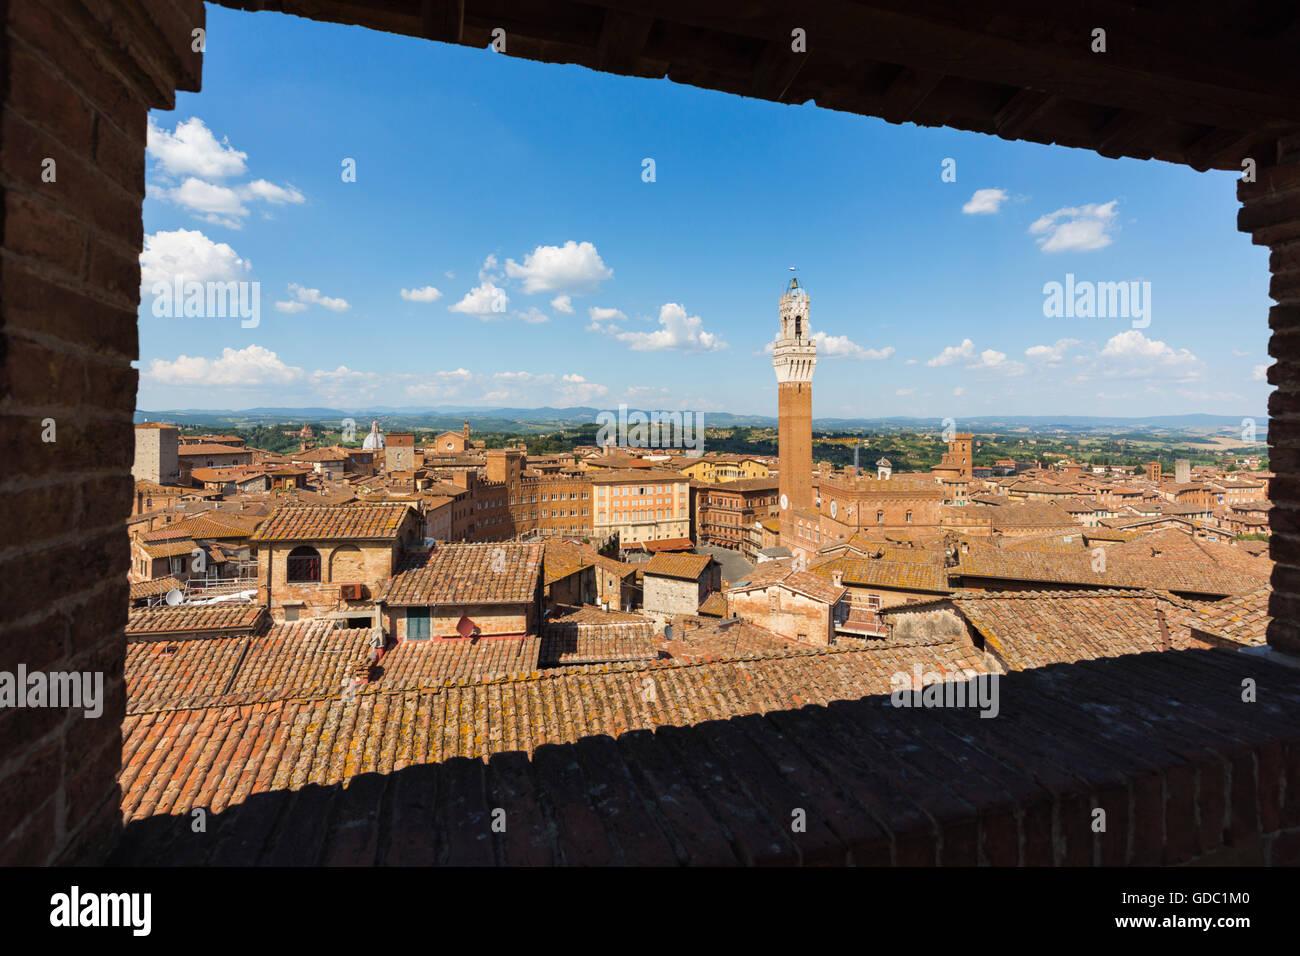 Siena, in provincia di Siena, Toscana, Italia. Piazza del Campo e Torre del Mangia. Vista dall'alto. Immagini Stock